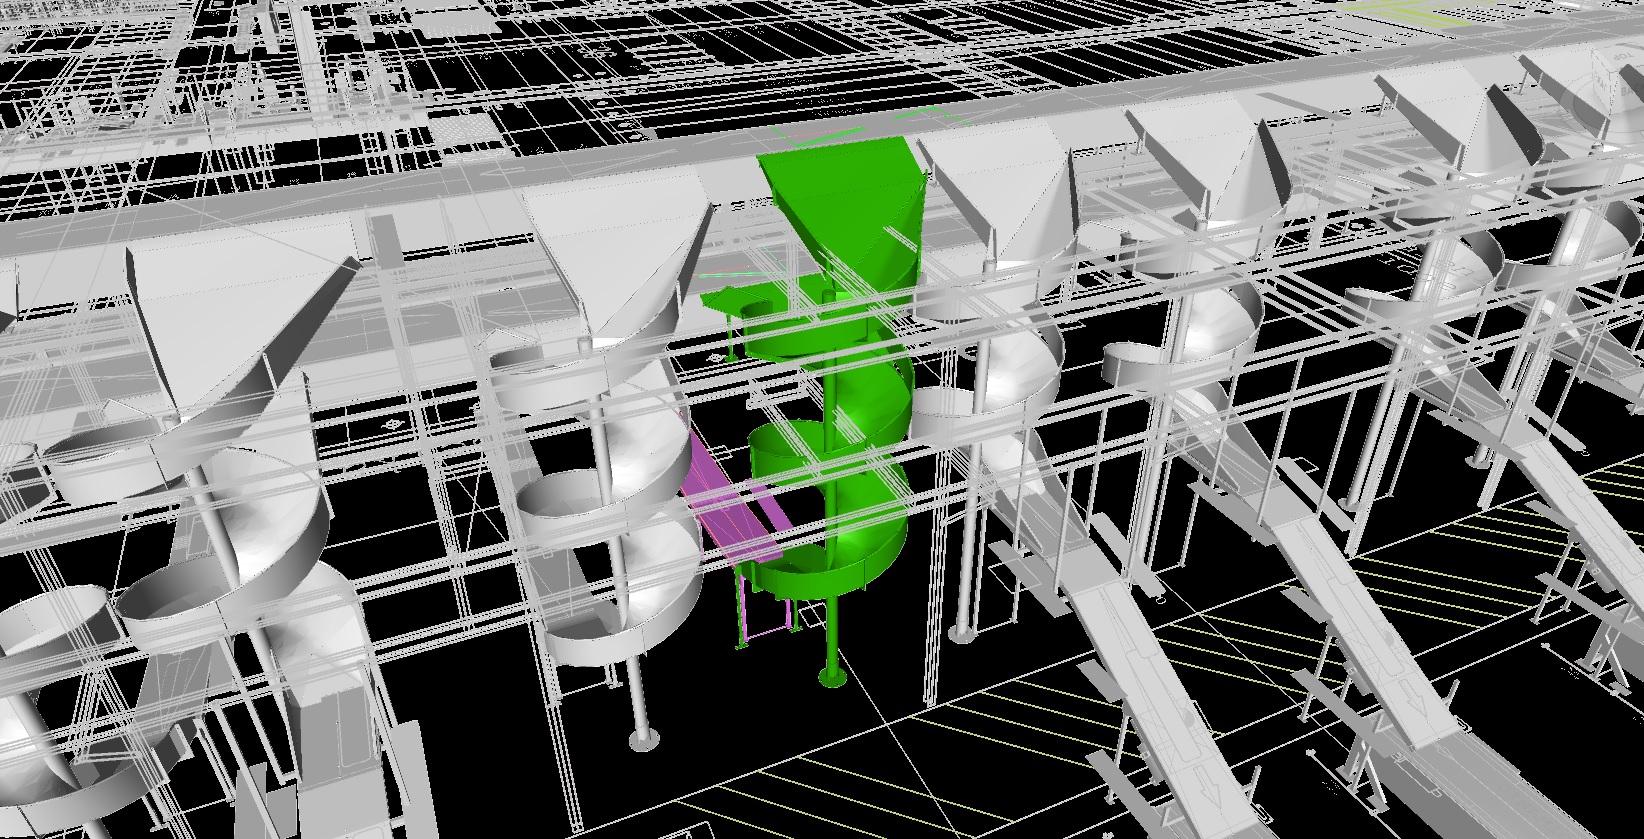 Konstruktion & EntwicklungKrampe GmbH & Co. KG, Hamm - Fördertechnik, Gewinnungstechnik, Maschinenbau